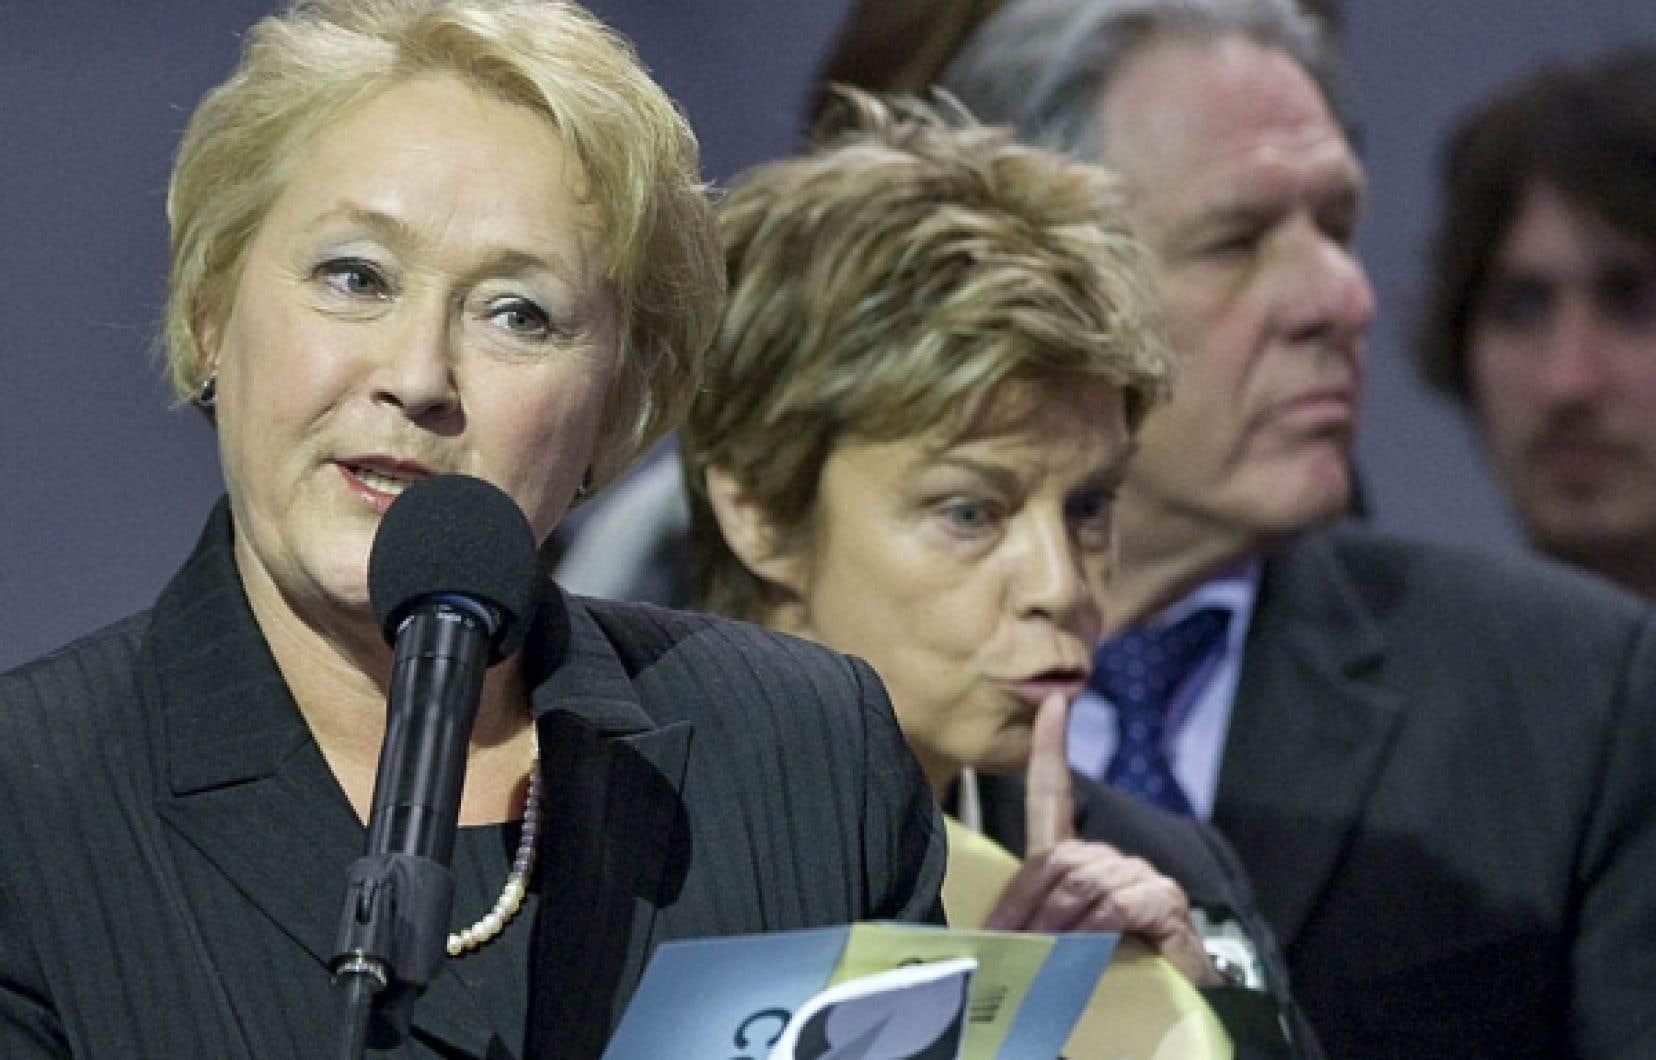 17 avril 2011: Pauline Marois s&rsquo;adresse aux congressistes du PQ, apr&egrave;s avoir obtenu un vote de confiance de 93%. Derri&egrave;re elle, deux des d&eacute;put&eacute;s qui devaient quitter le navire p&eacute;quiste en juin, Louise Beaudoin et Pierre Curzi.<br />